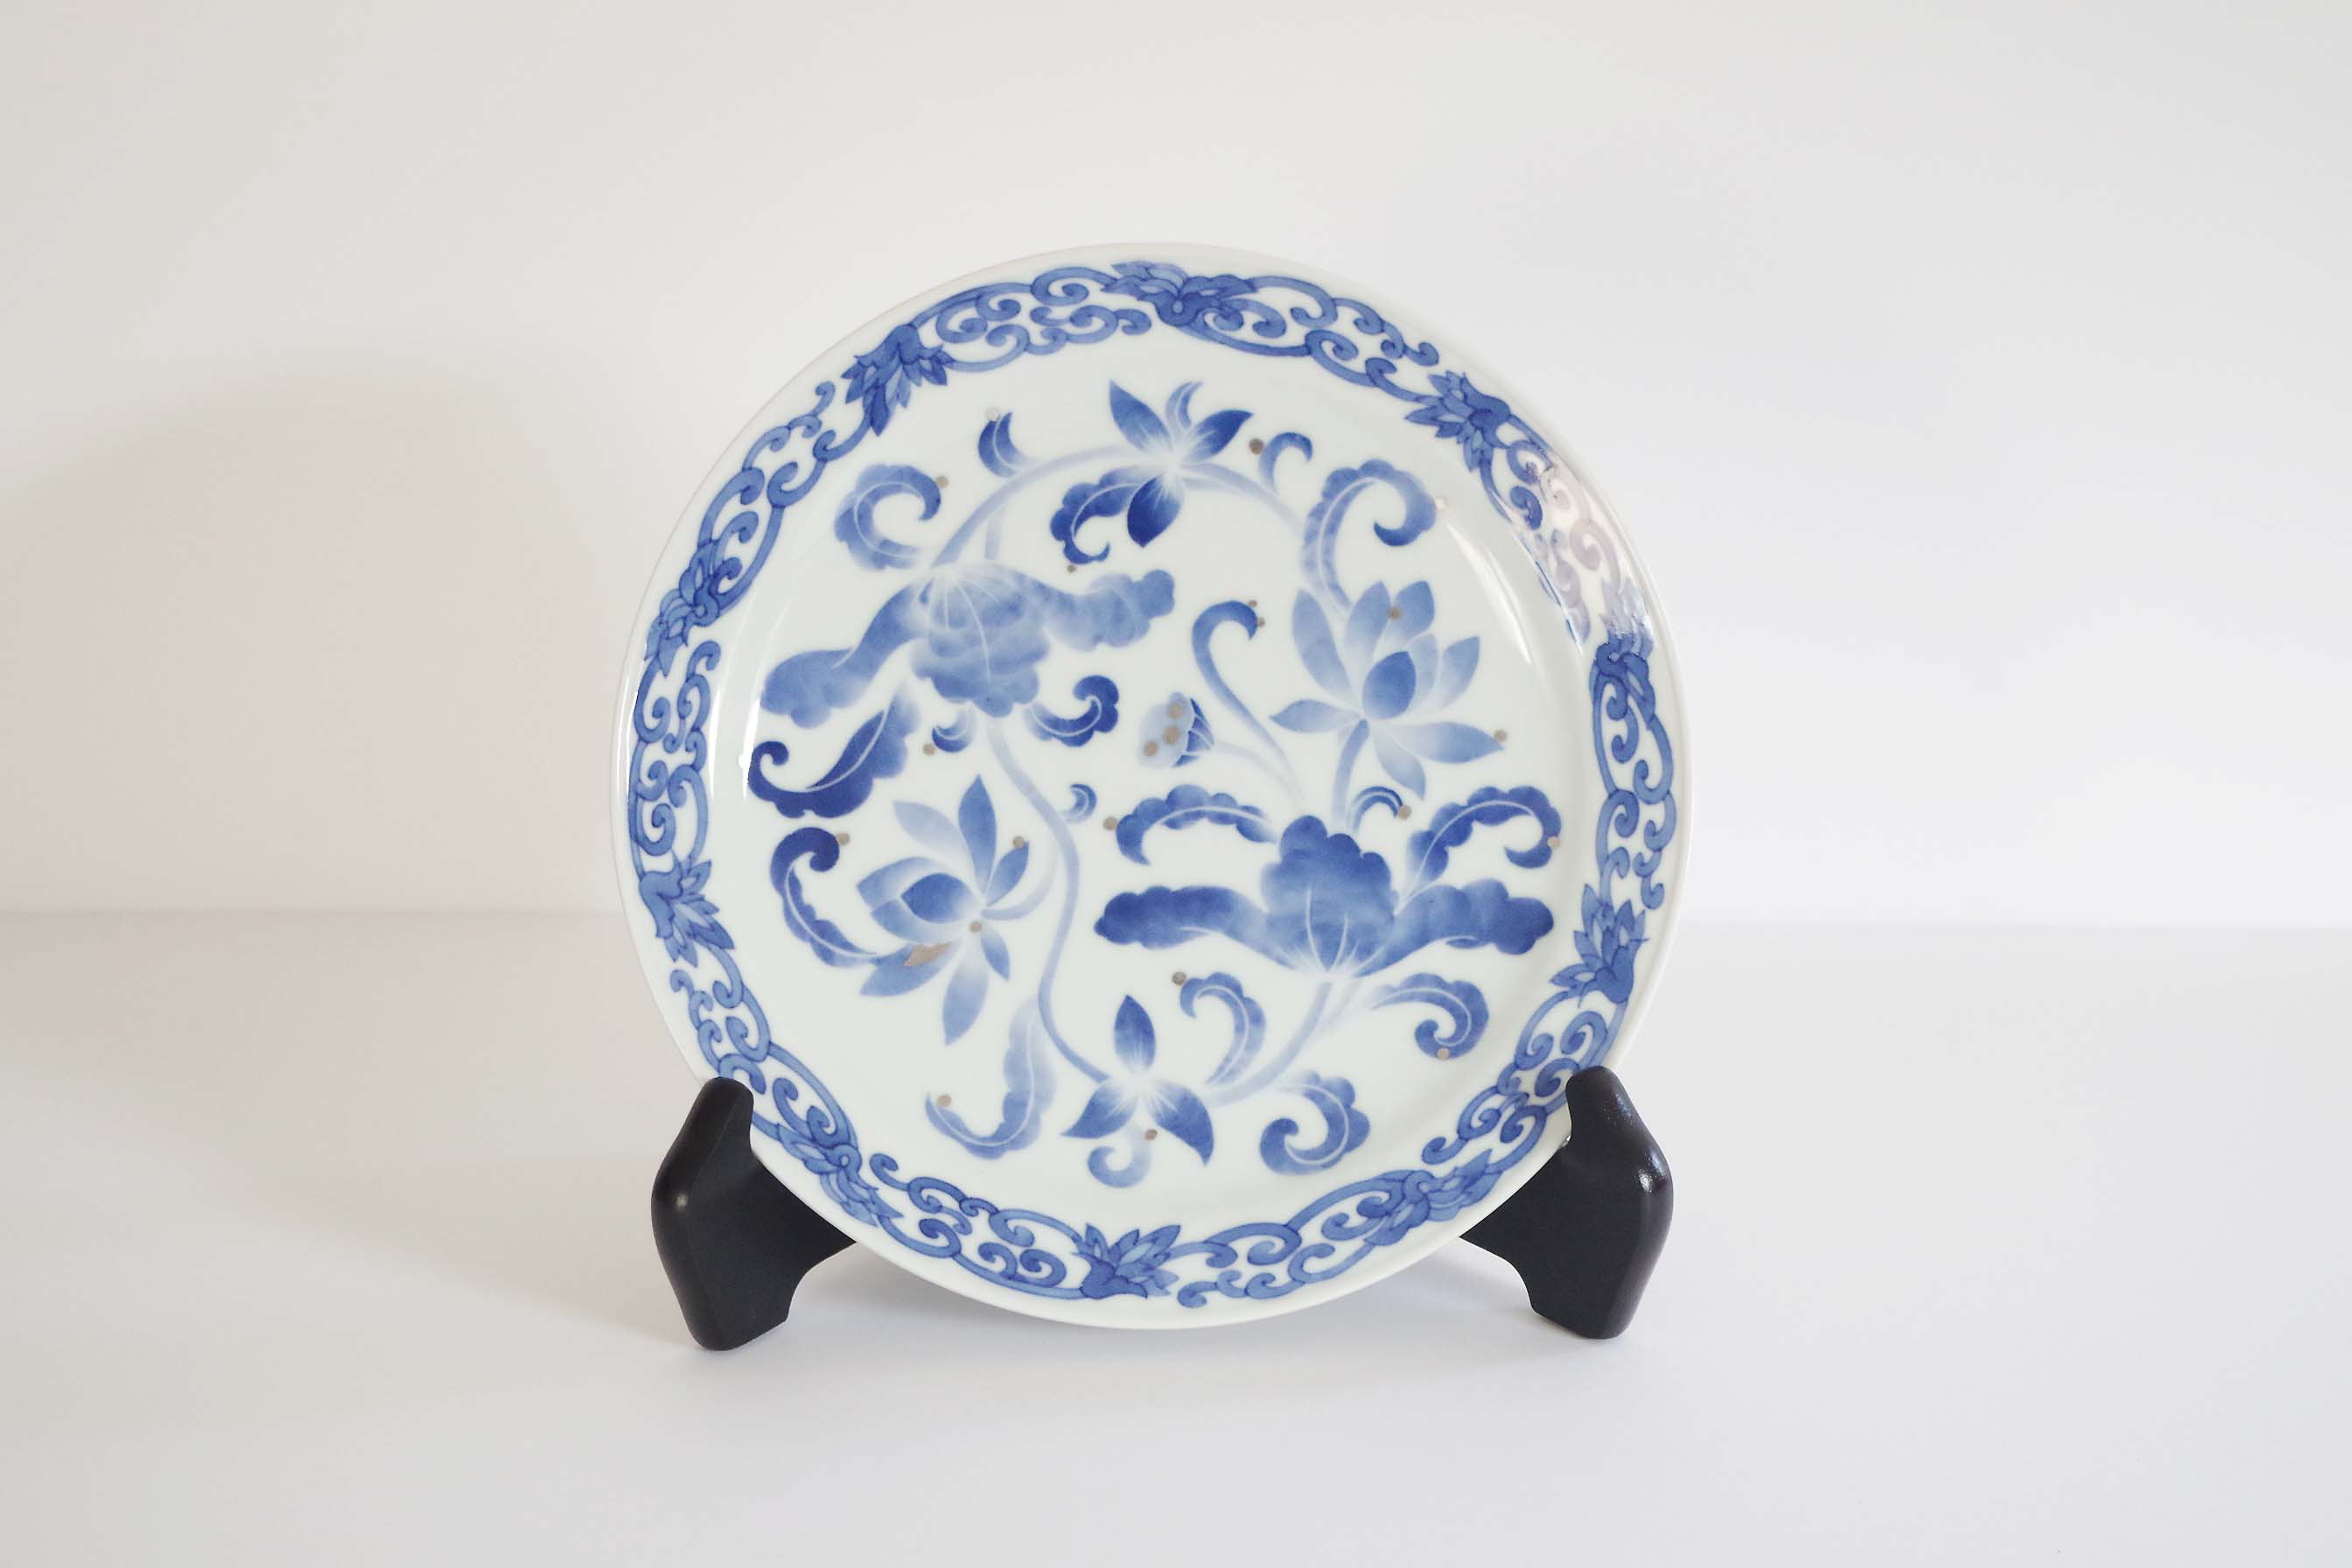 画像提供:京都陶磁器会館